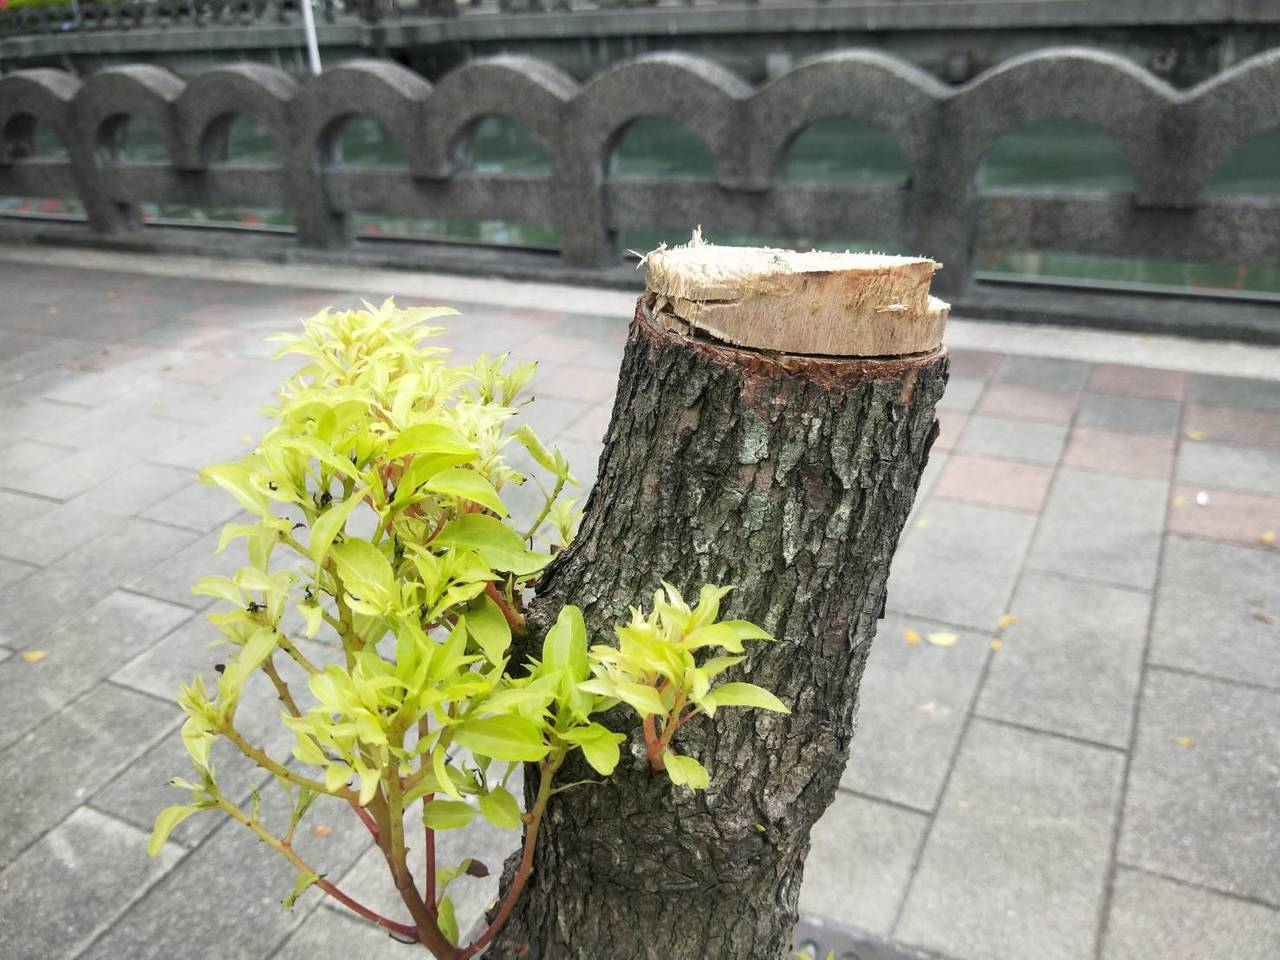 基隆市田寮河兩岸共有12棵樟樹被砍斷,3棵被環狀剝皮,市府已向警方報案追緝。記者...